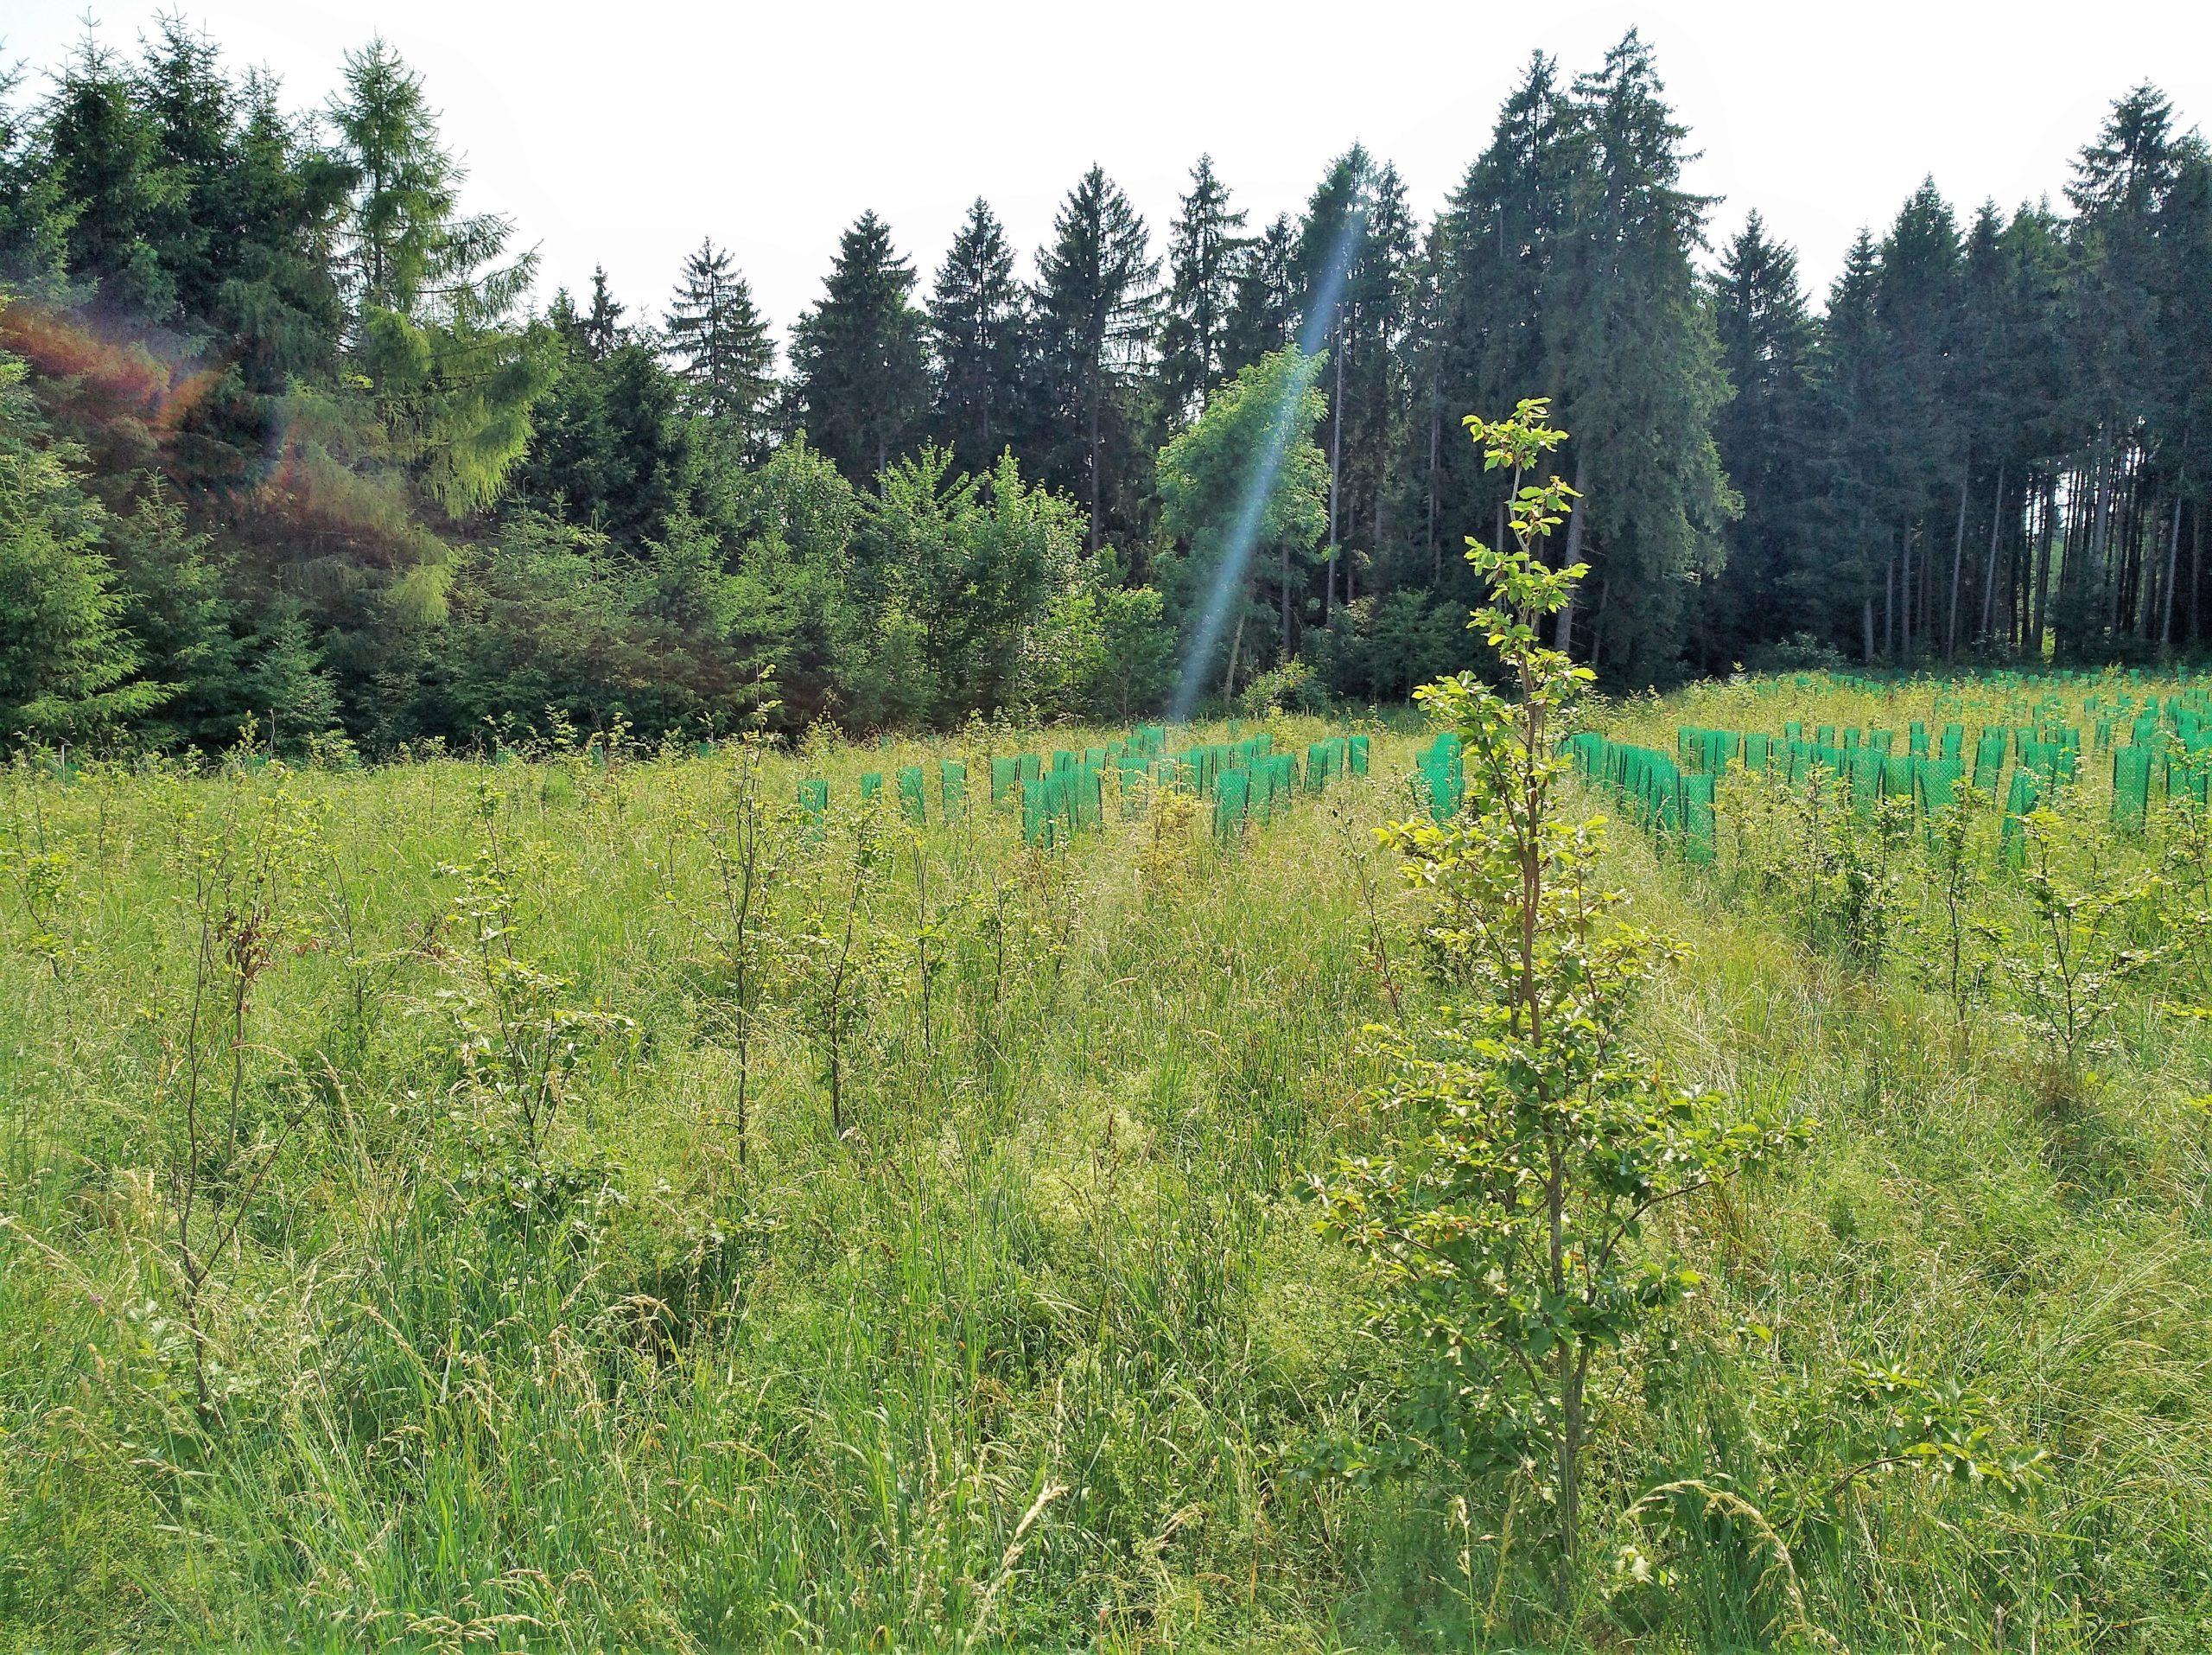 Auffosrtung, im Hintergrund insbesondere Fichten. Die kleinen Bäume sind überwiegend durch Kunststoffhülsen geschützt.